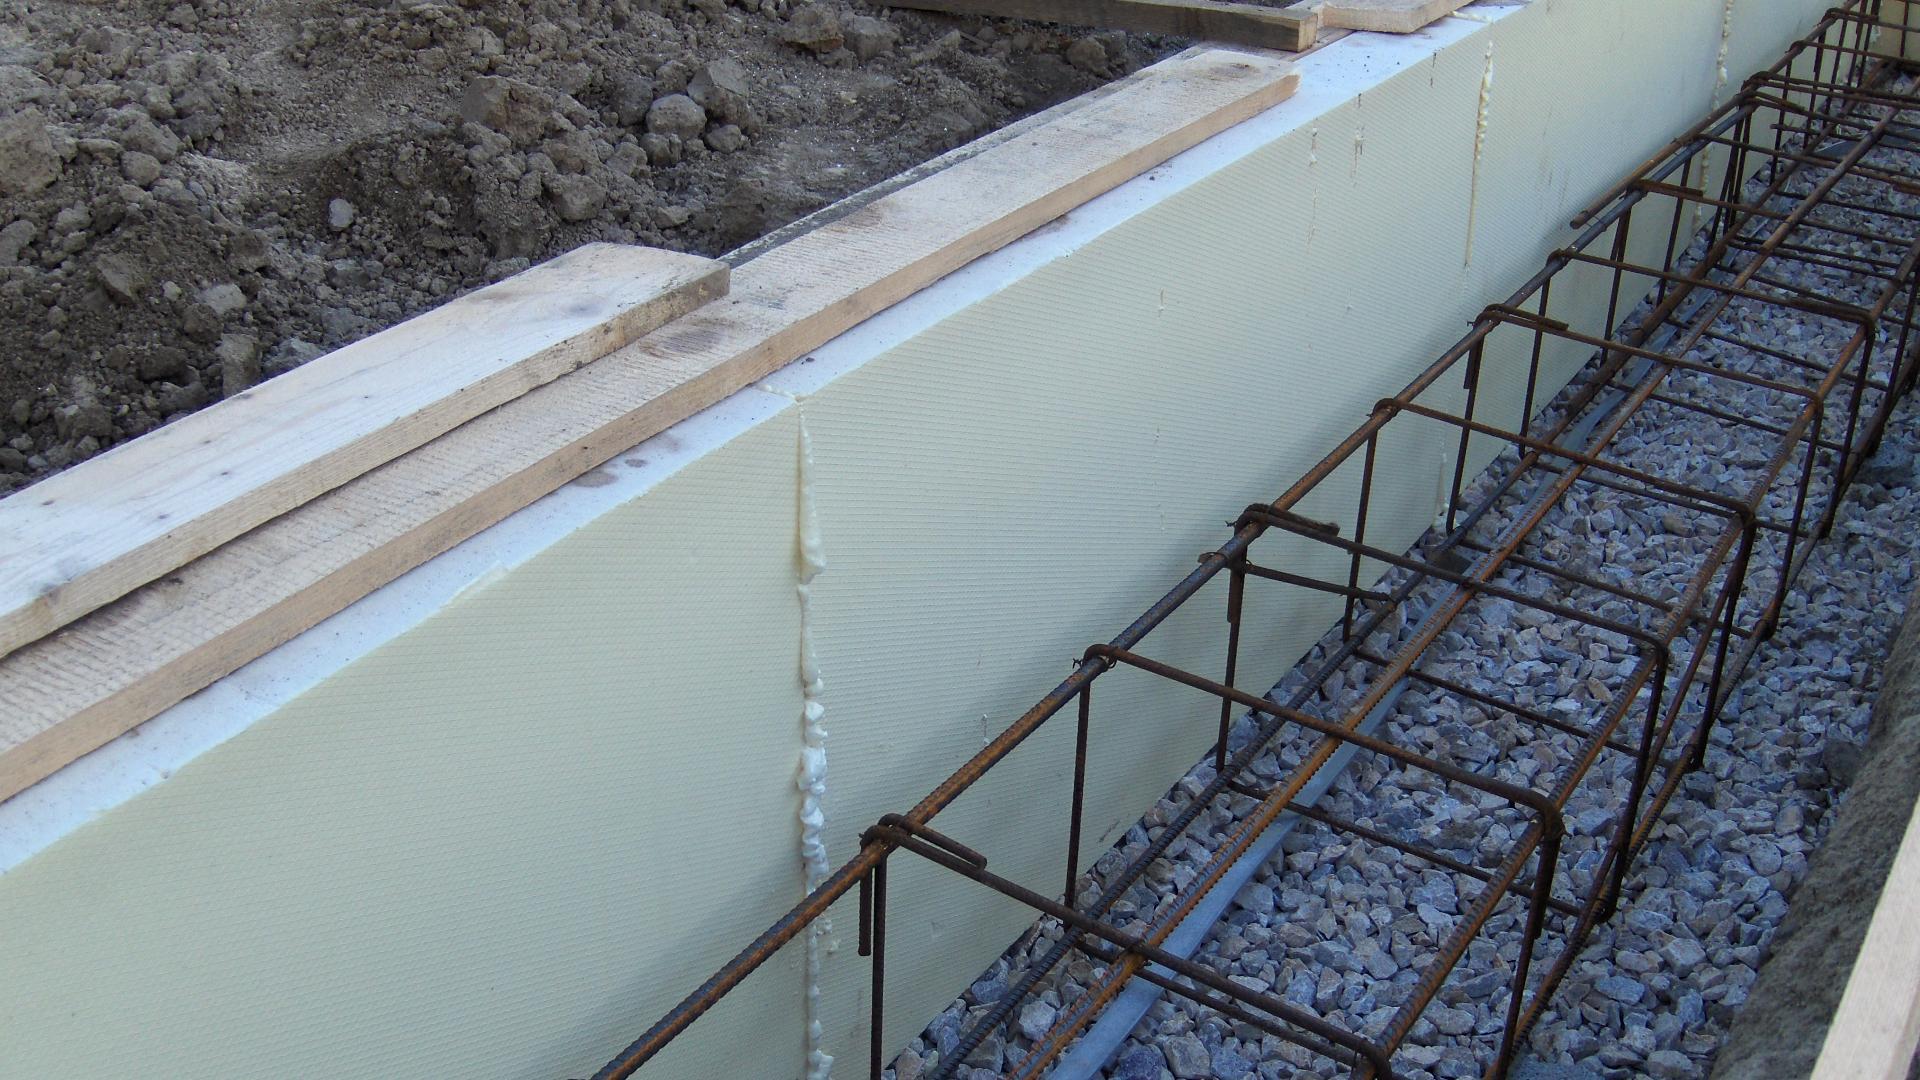 Energeticky pasívny dom svojpomocne - Detail tepelnej izolácie základového pásu.